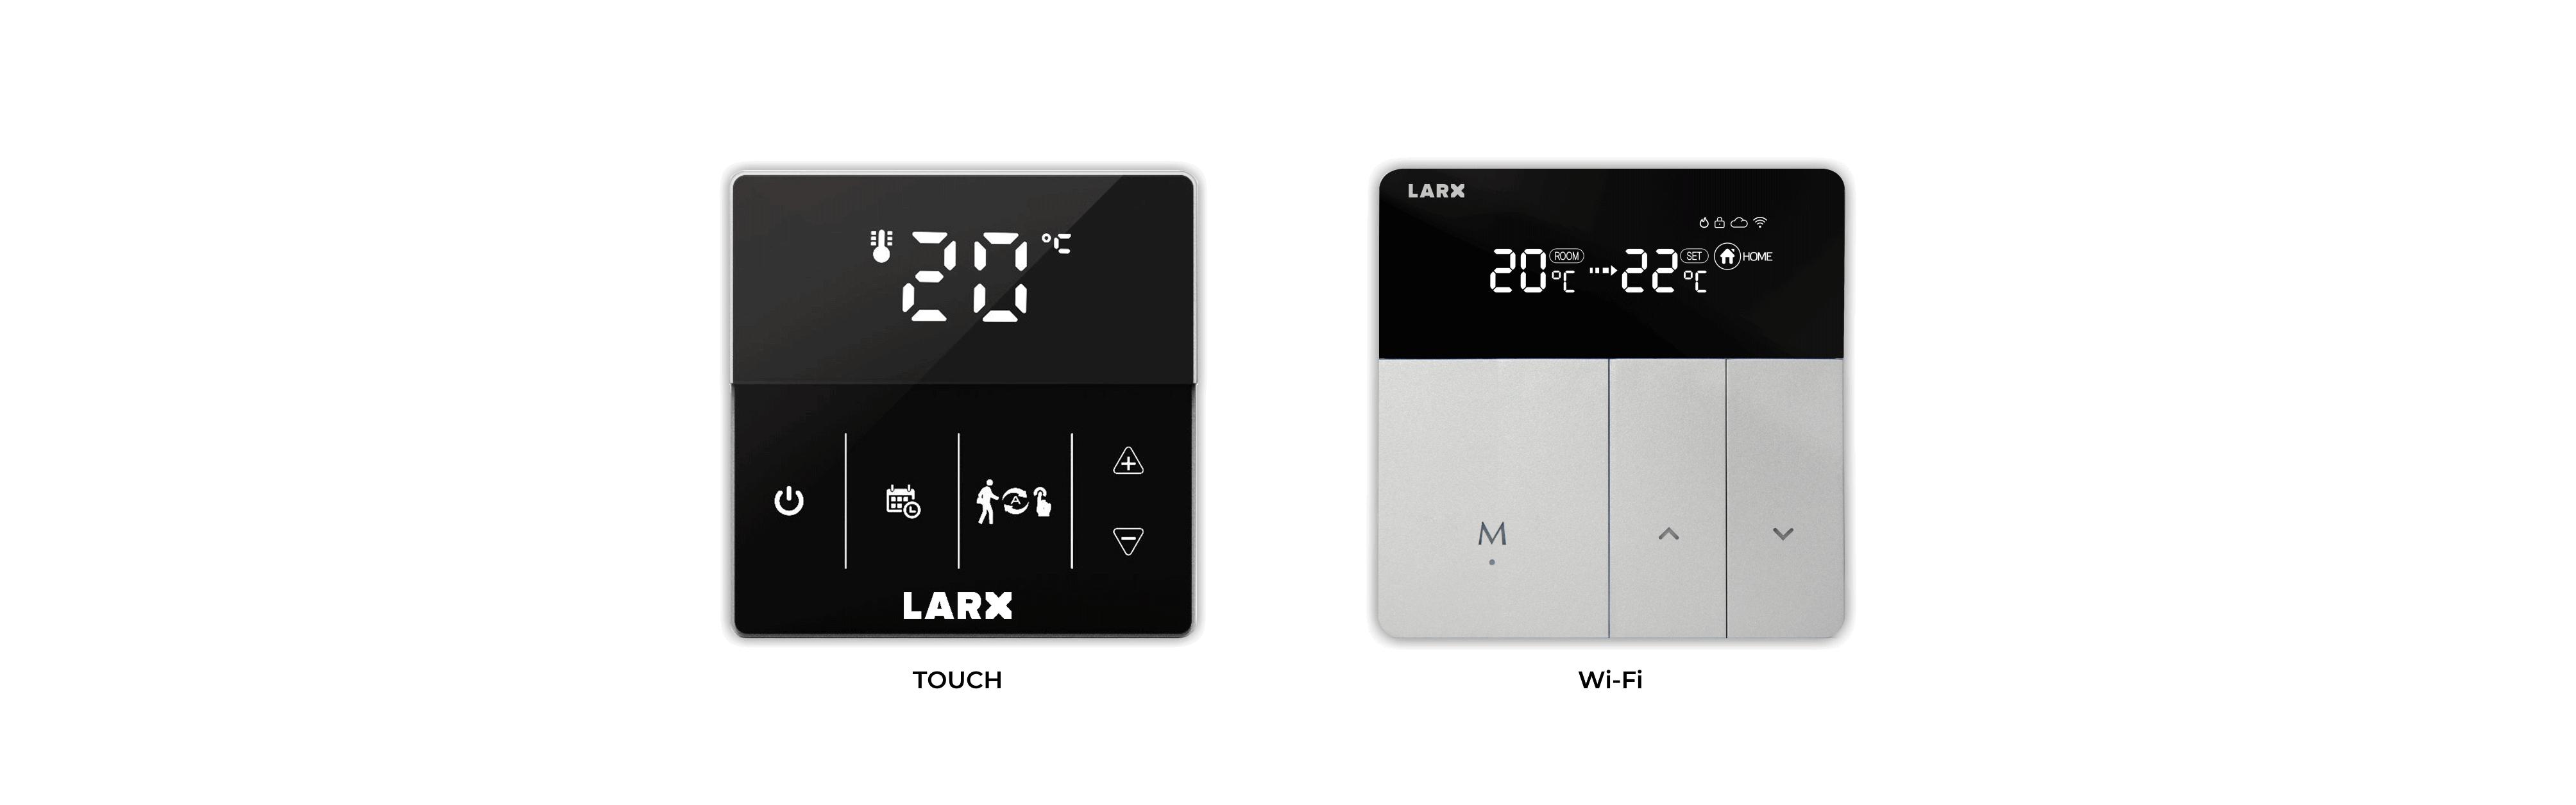 LARX Thermostat für effiziente Regelung